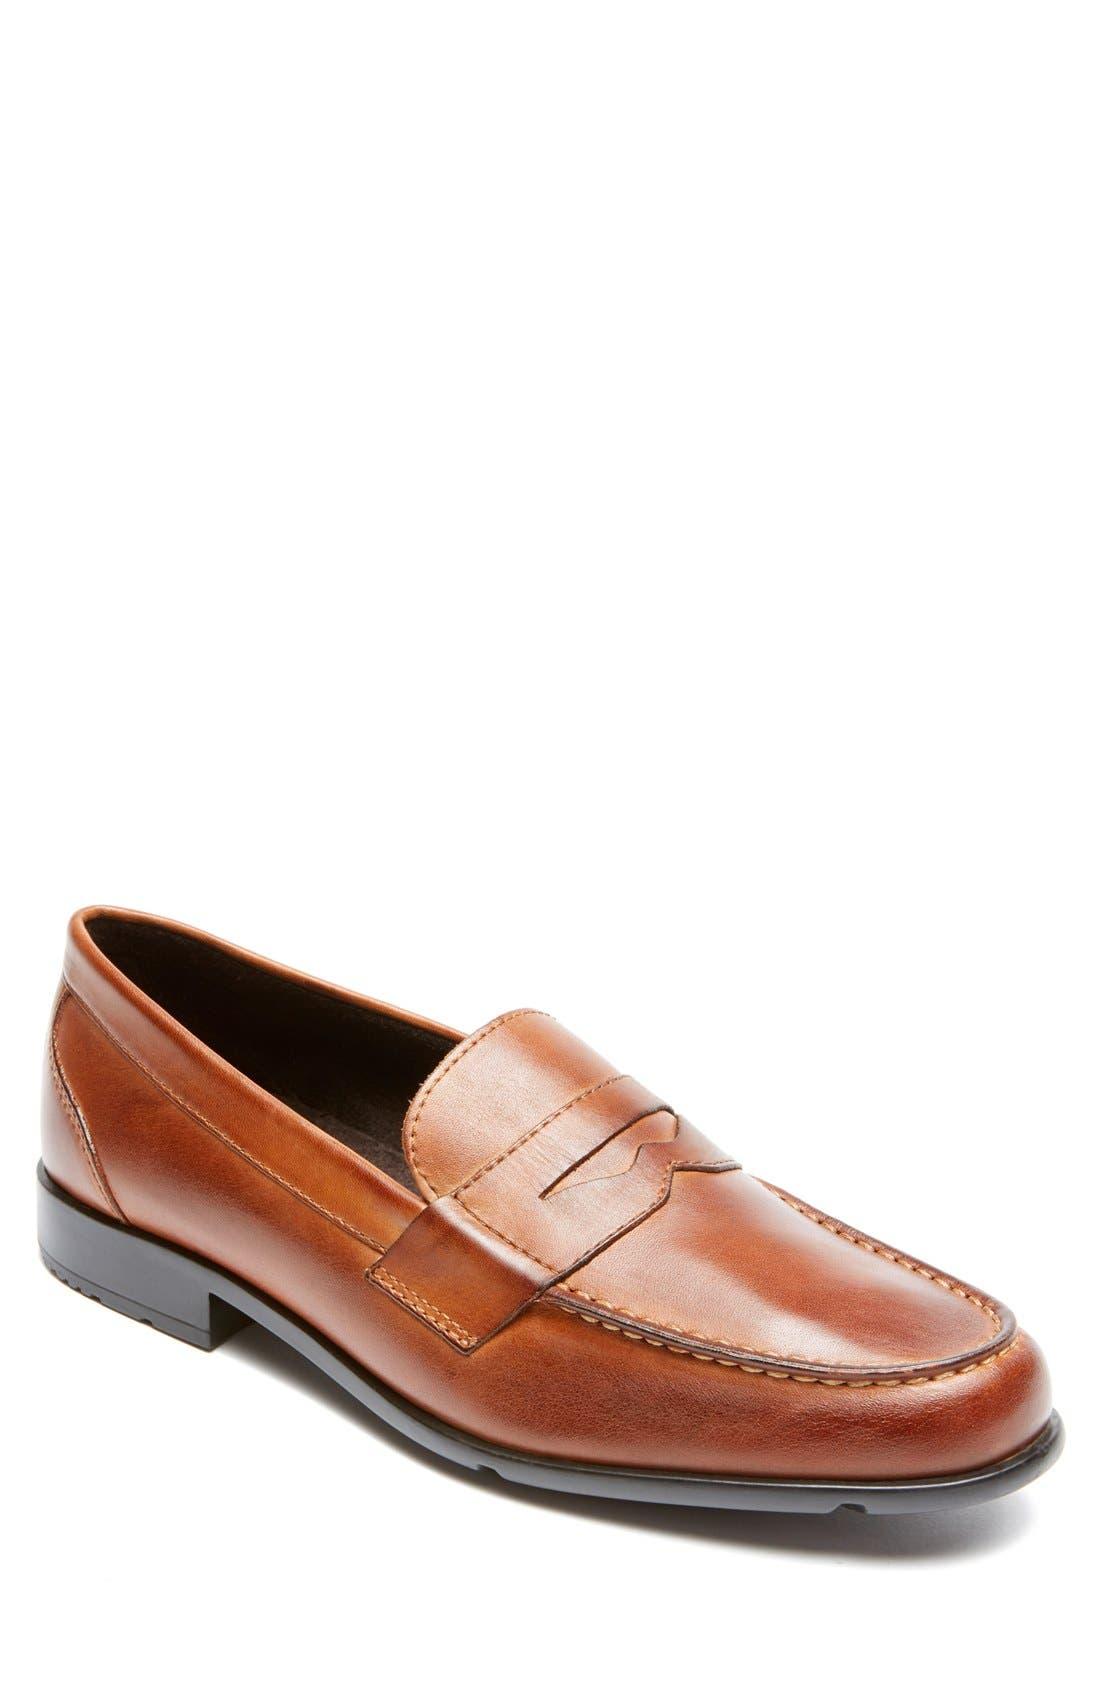 Alternate Image 1 Selected - Rockport Leather Penny Loafer (Men)